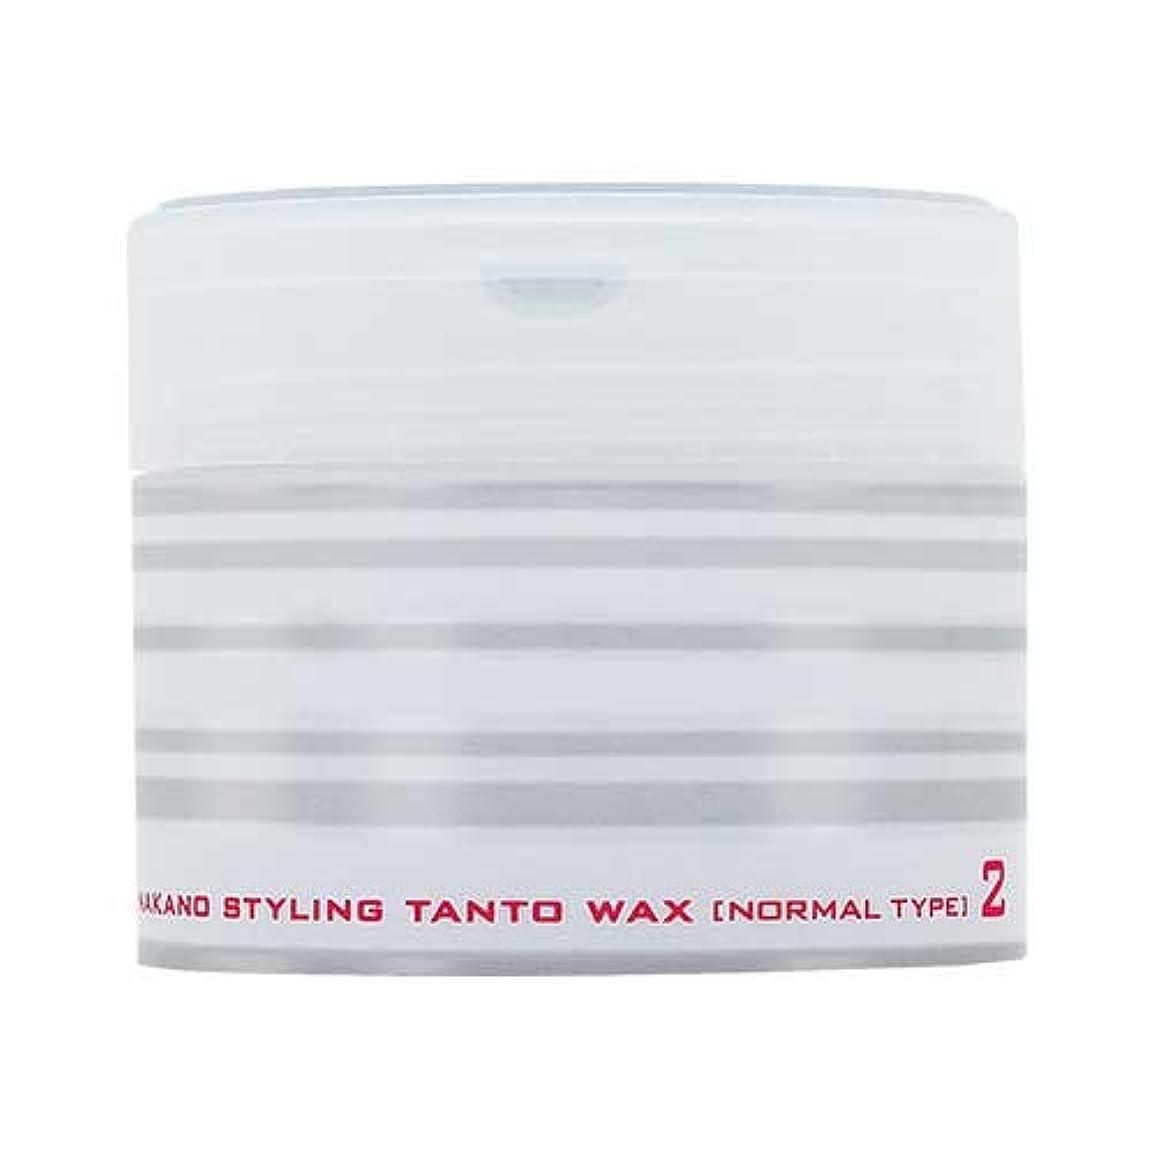 傾向がある選択合体ナカノ スタイリング タントN ワックス 2 ノーマルタイプ 90g 中野製薬 NAKANO